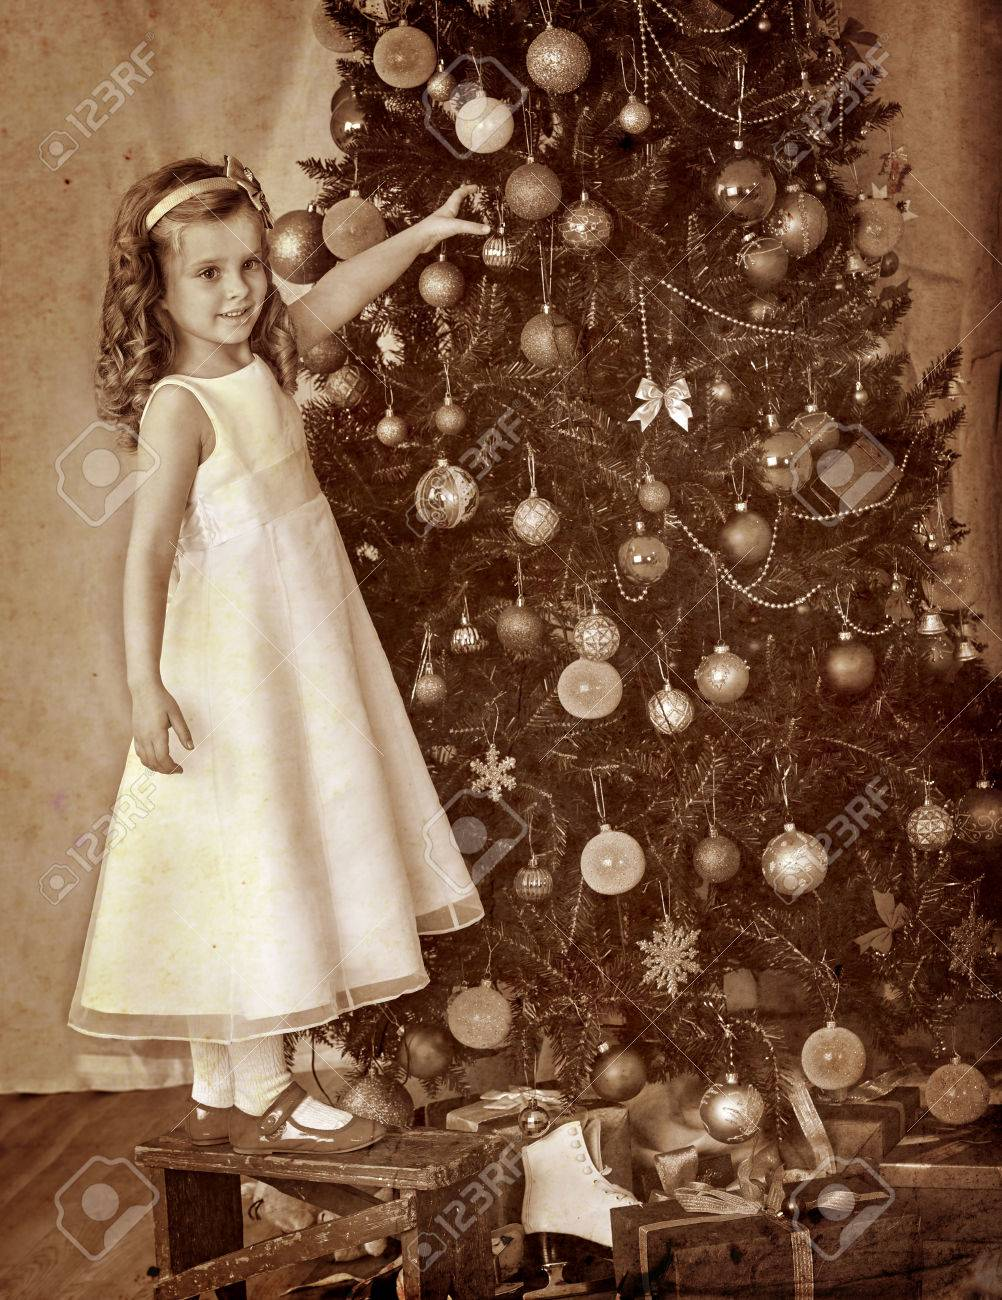 Immagini Natale Vintage.Immagini Stock Bambina A Sedia Decorare Albero Di Natale Vintage Retro In Bianco E Nero Image 48281556